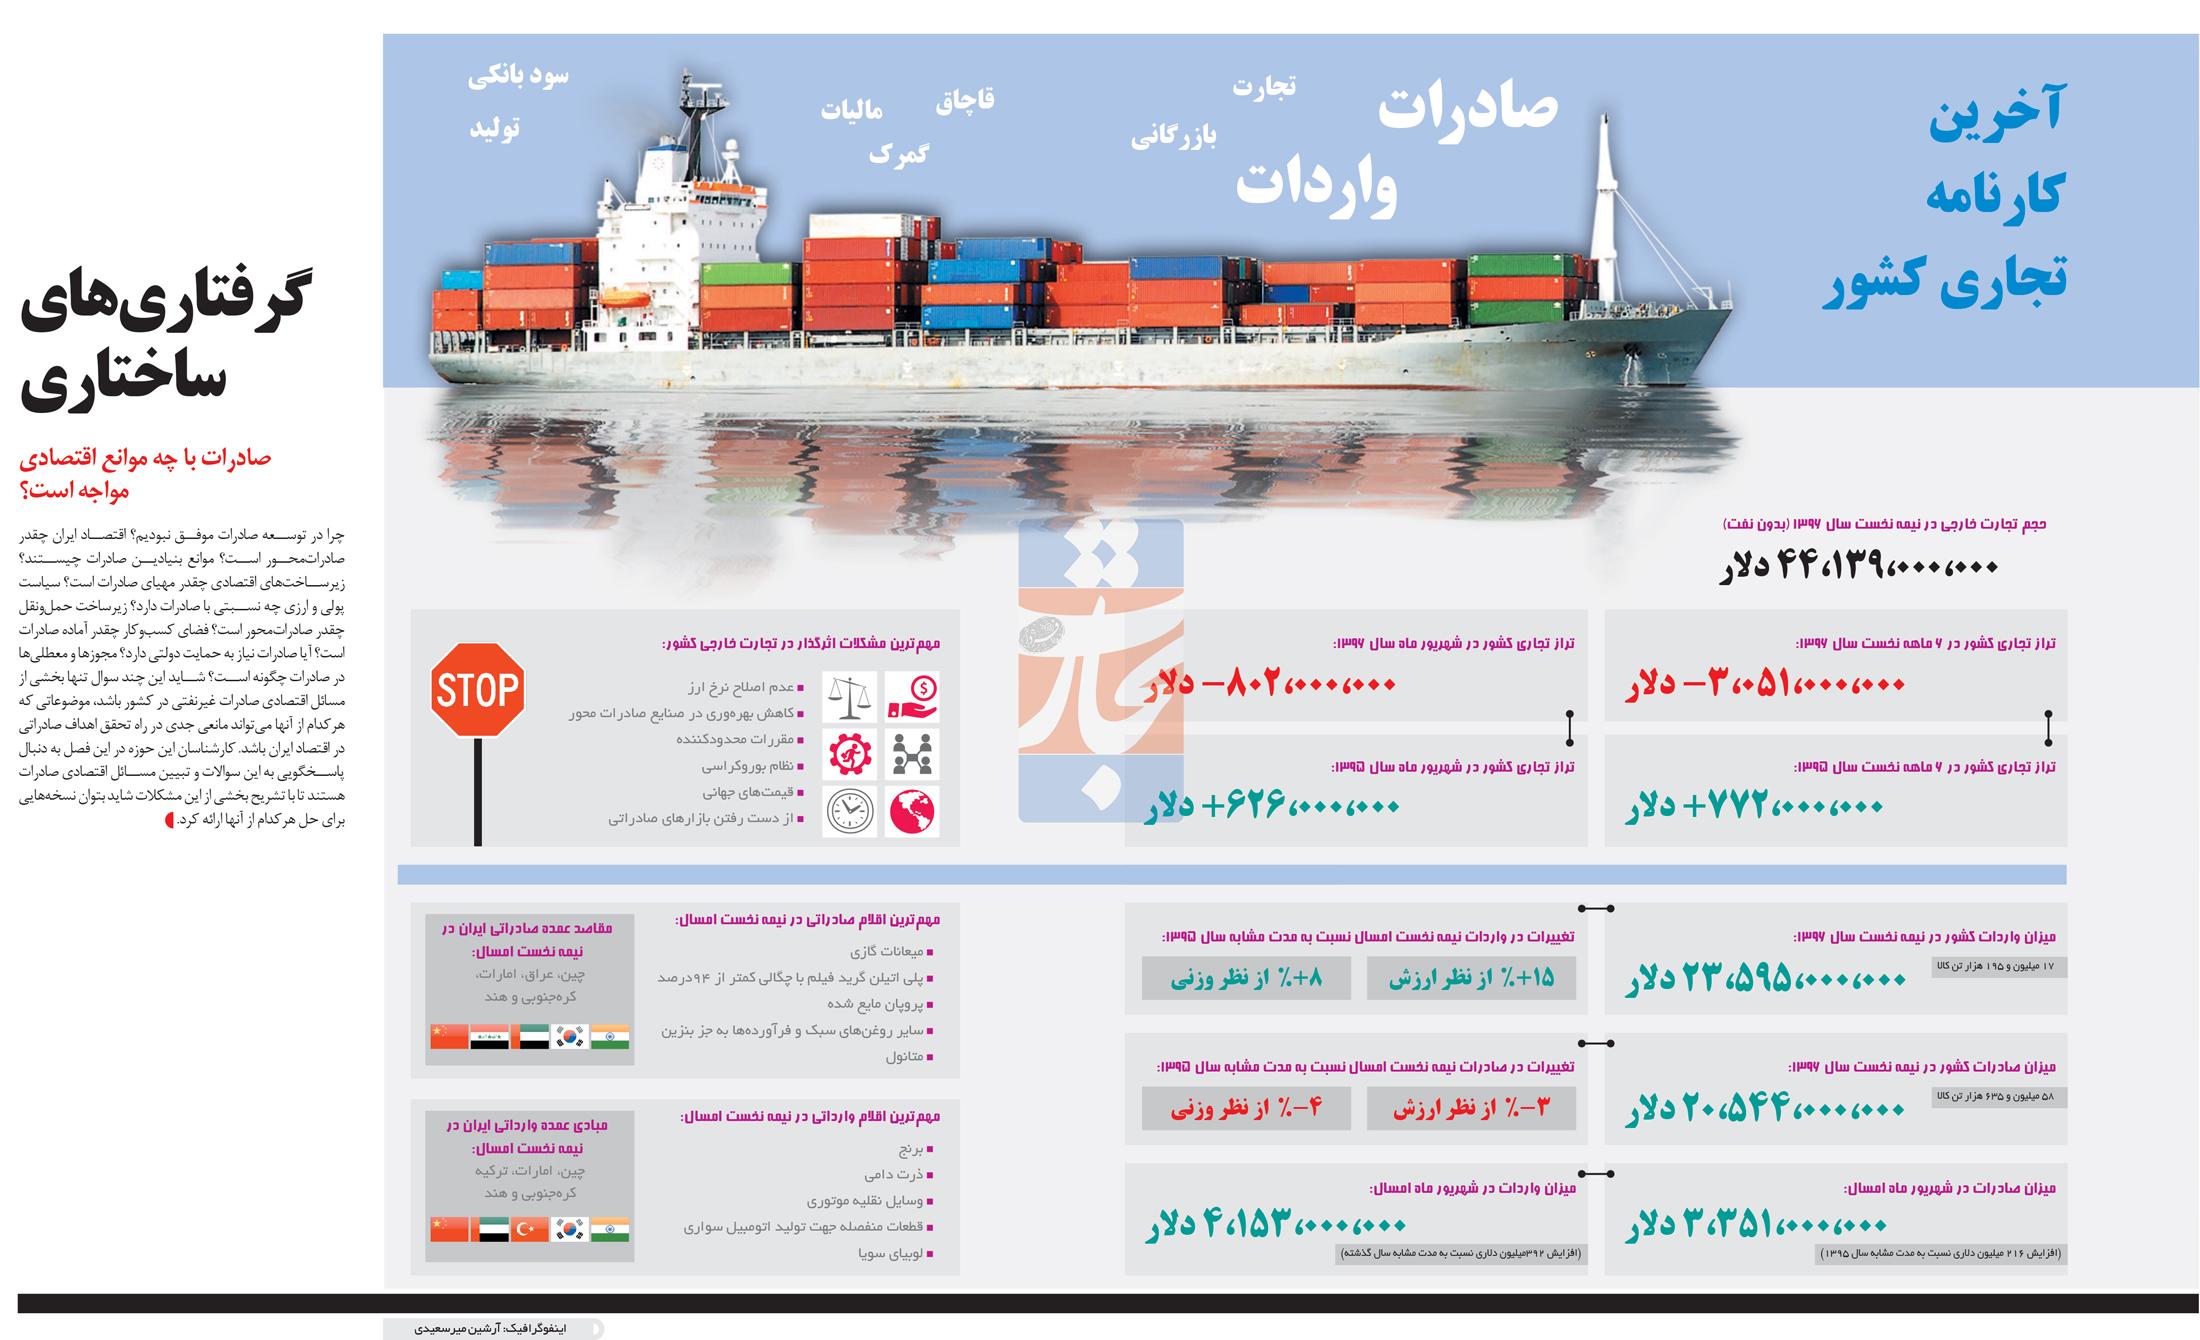 تجارت فردا- اینفوگرافیک- گرفتاریهای ساختاری